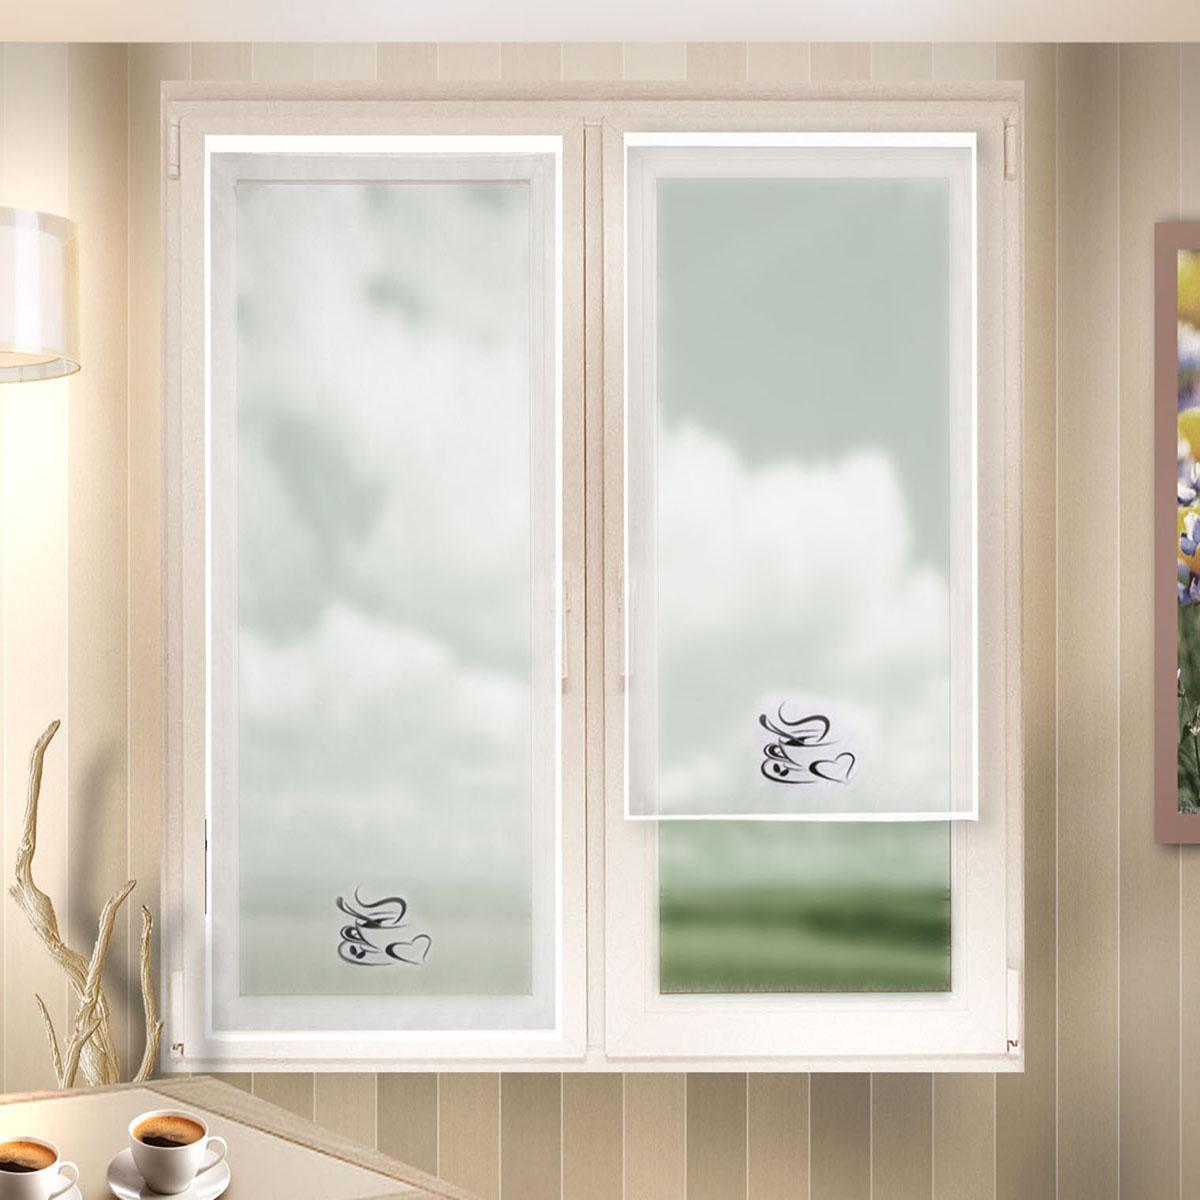 Гардина Zlata Korunka, цвет: белый, ширина 60 см, высота 140 см. 666021MW-3101Лучшая альтернатива рулонным шторам на кухне – шторы на липкой ленте. Особенность этих штор заключается в том, что они имеют липкую основу в месте крепления . Лента или основа надежно и быстро крепится на раму окна, а на нее фиксируется сама штора.Размеры: ширина 60* высота 140